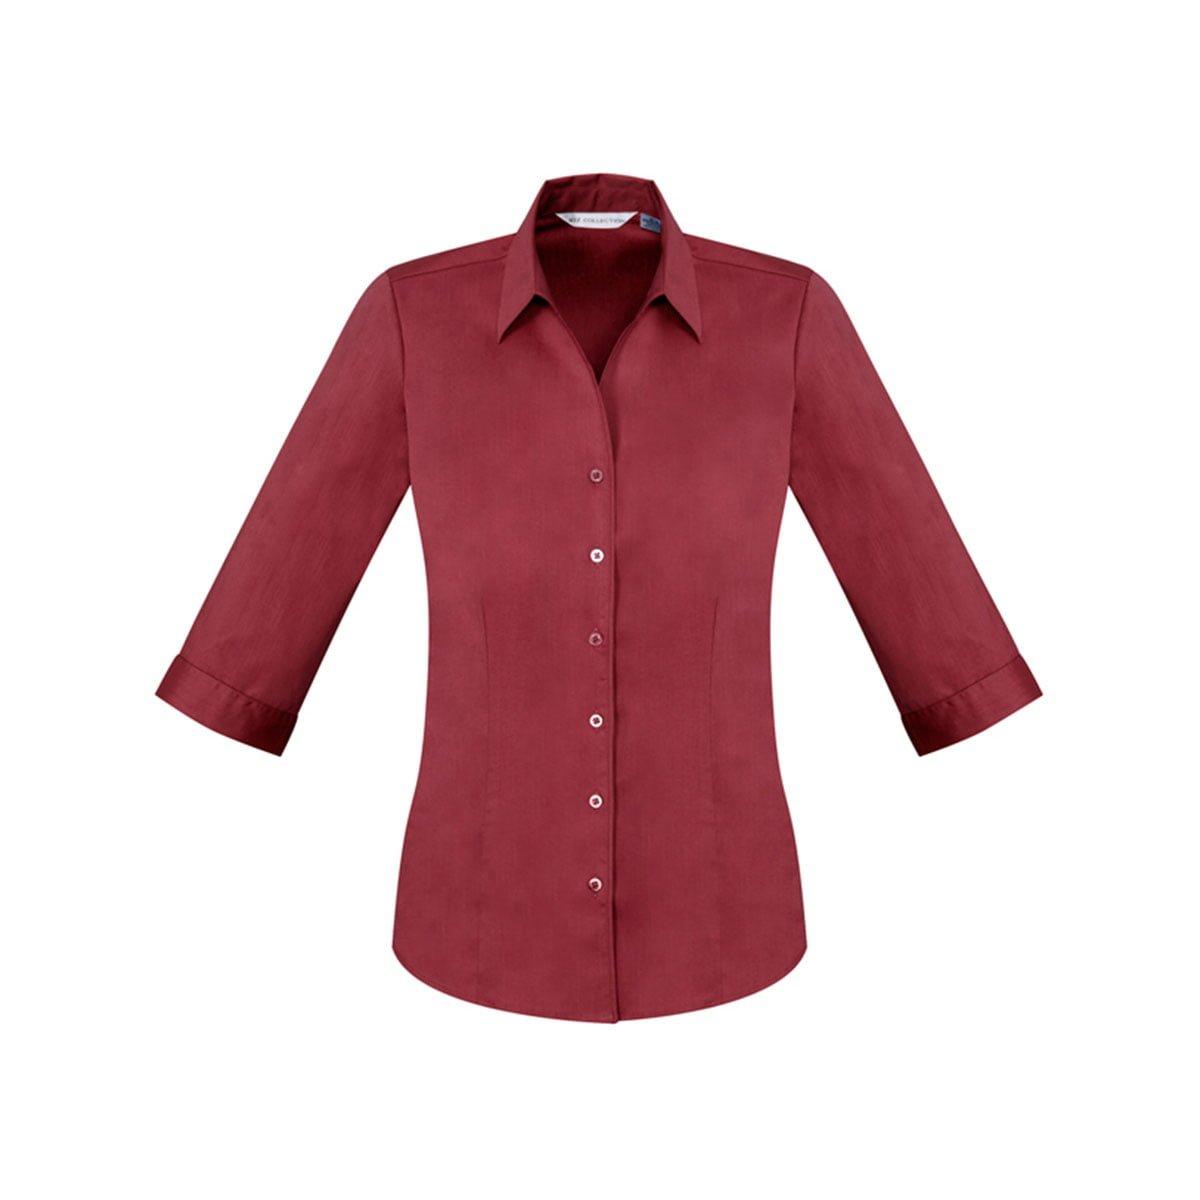 Ladies Monaco 3/4 Sleeve Shirt-Cherry